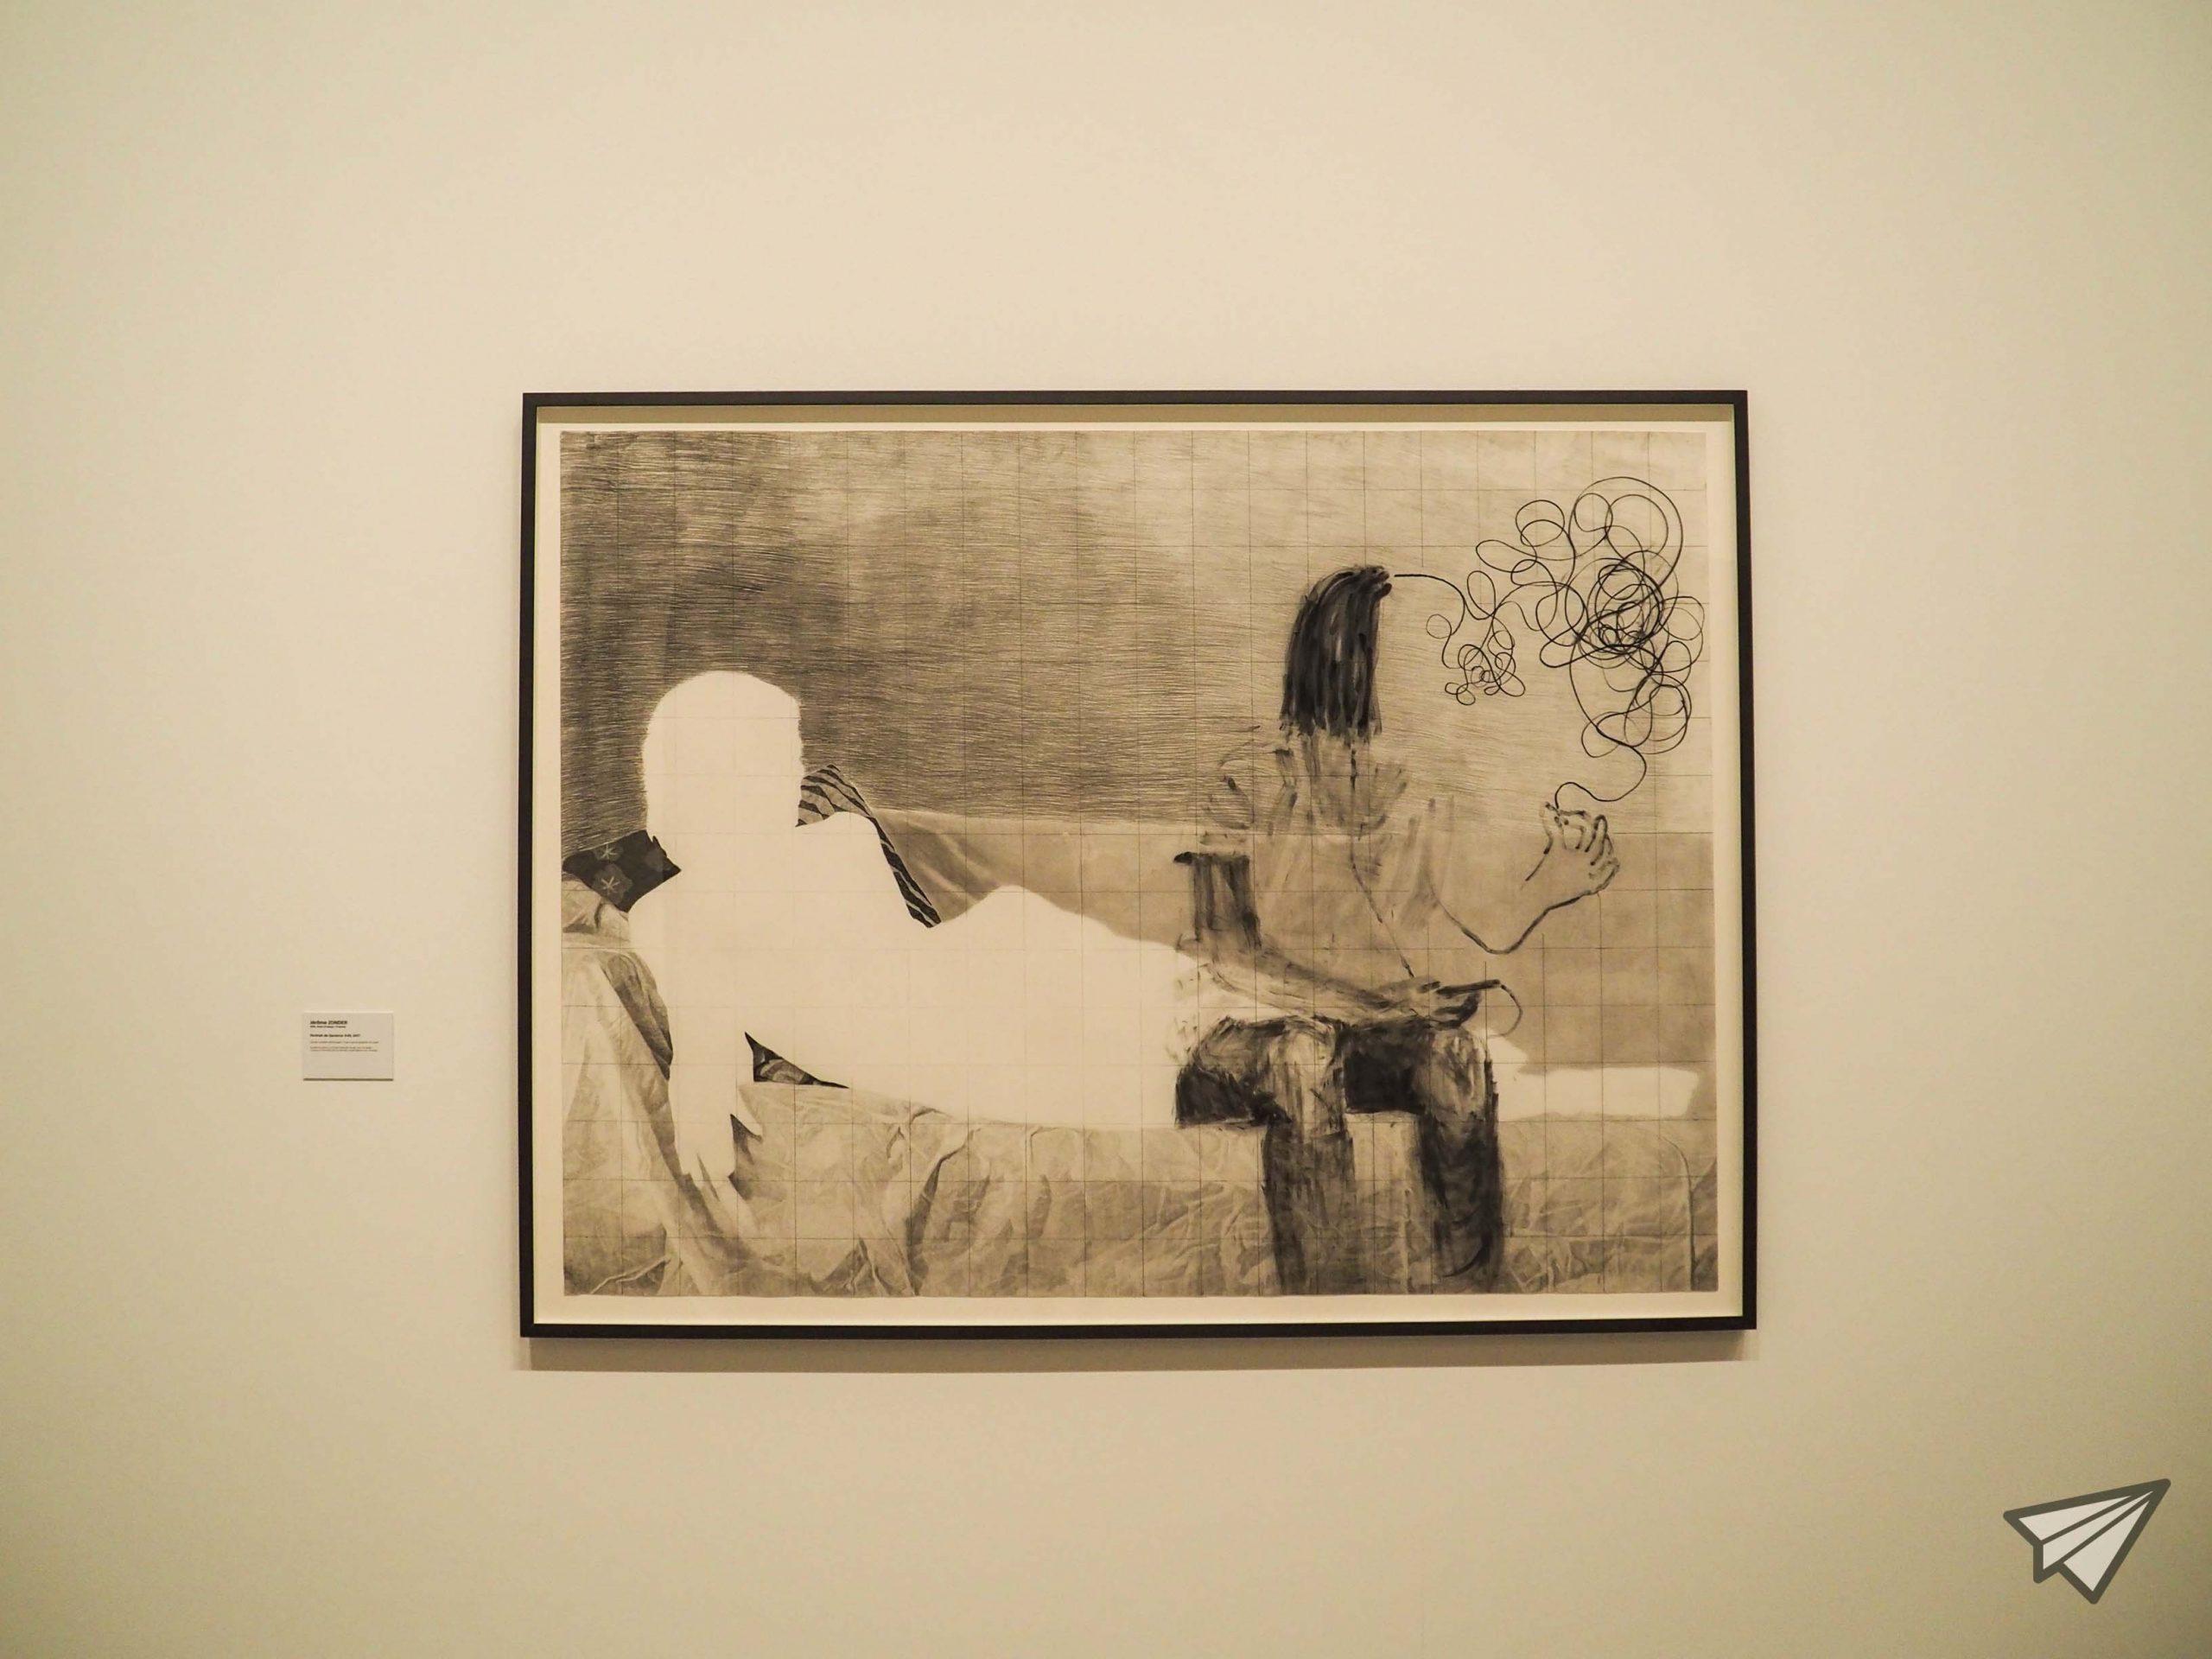 Museu Coleção Berardo woman